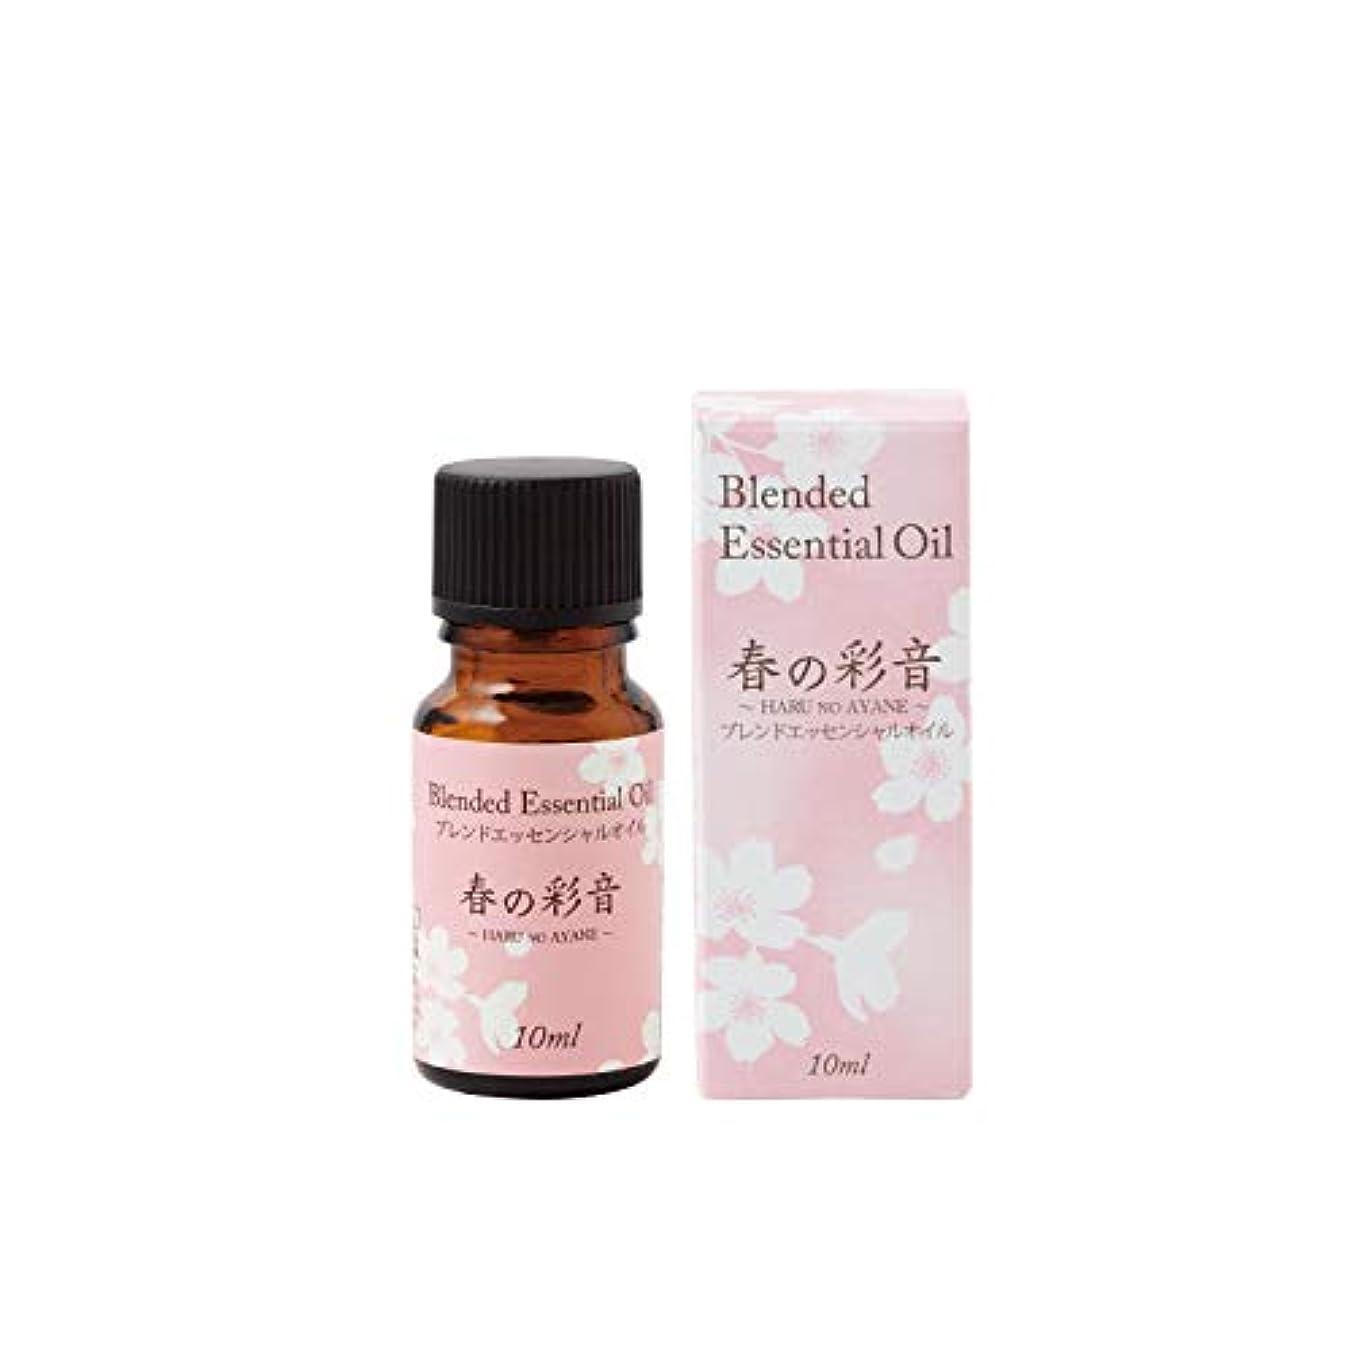 スプリット乳製品豚生活の木 ブレンドエッセンシャルオイル 春の彩音(10ml)